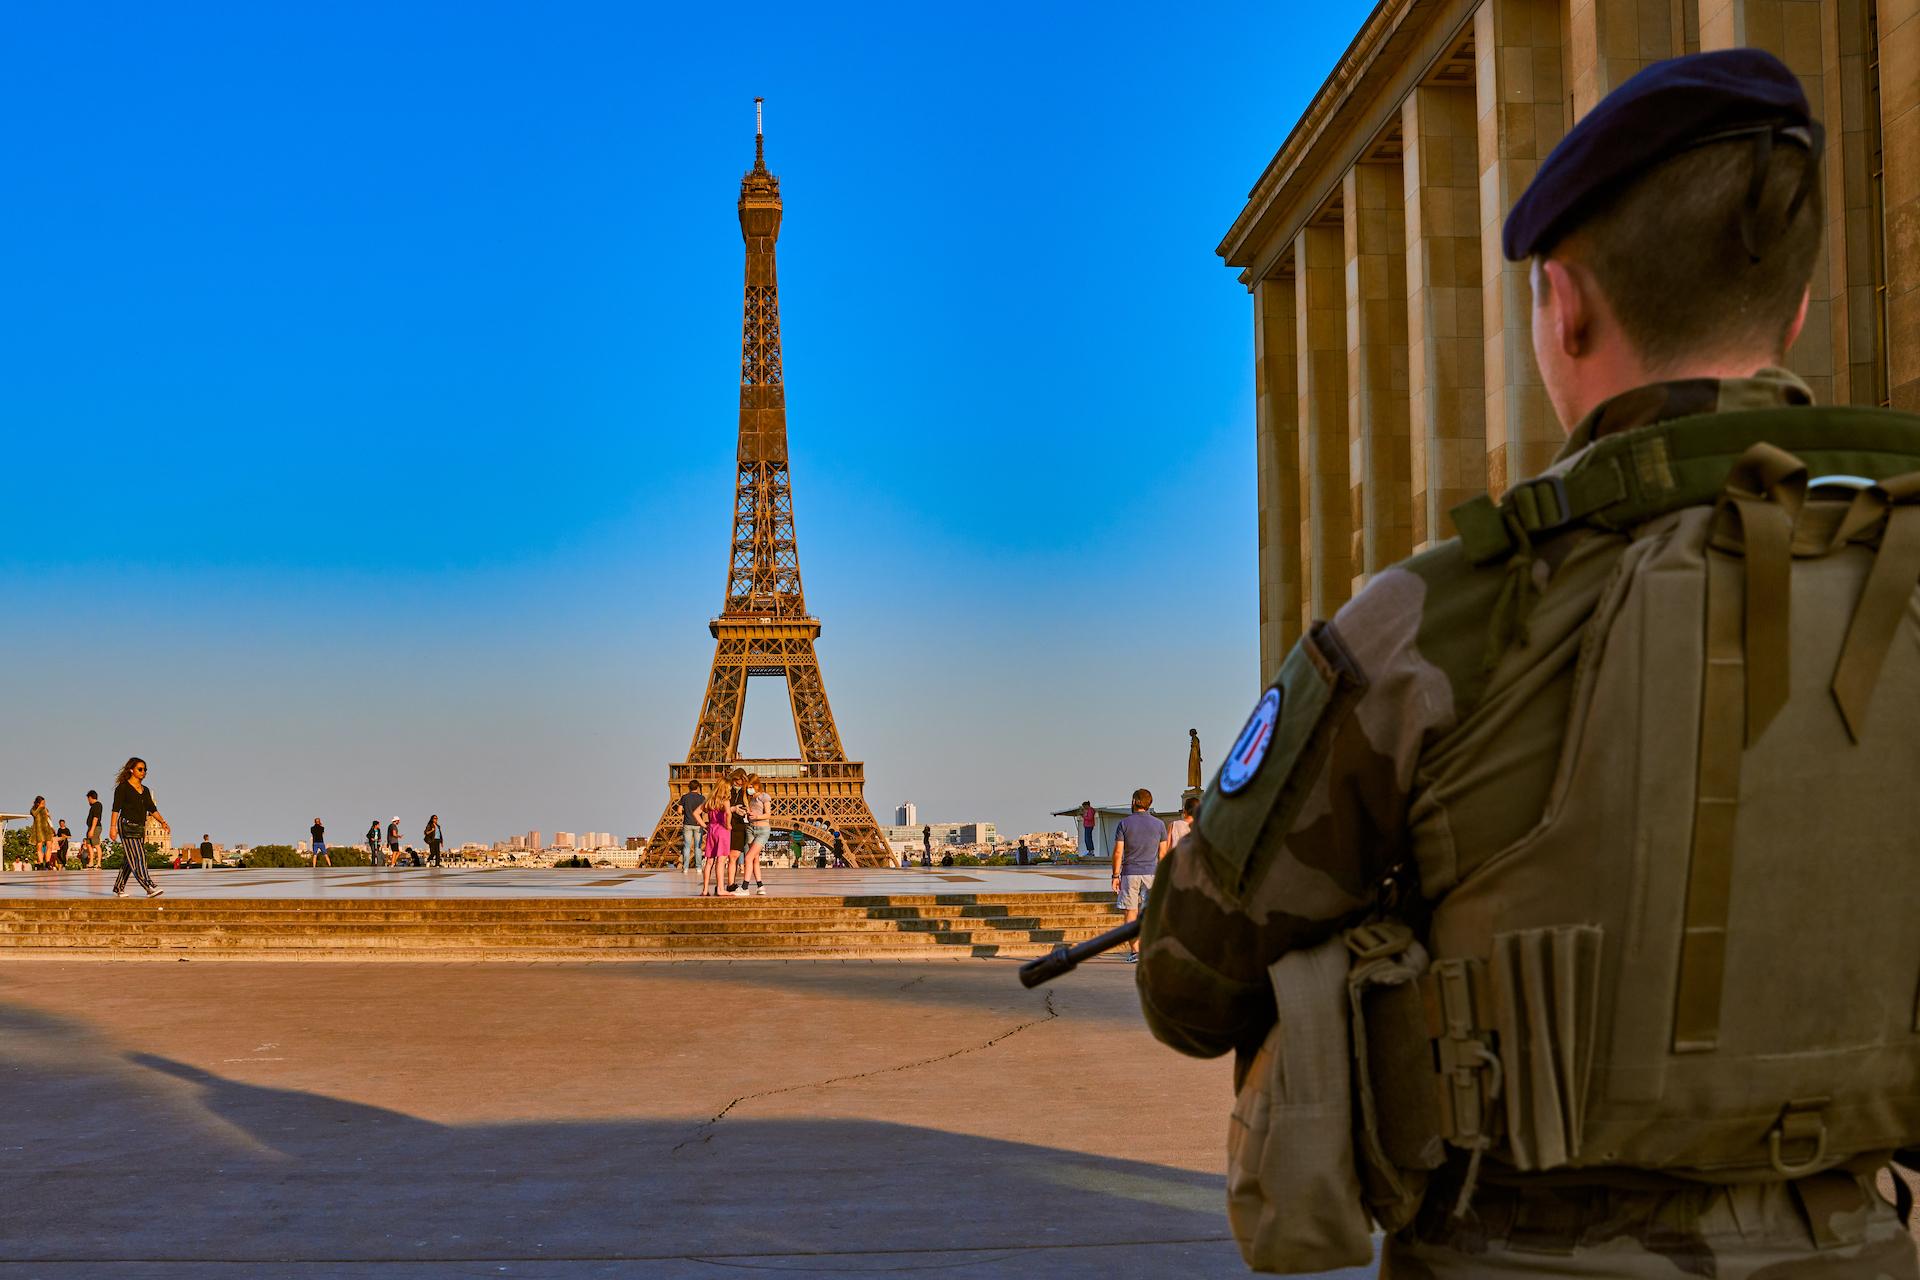 為 2024 巴黎奧運安防準備 法國軍方測試用激光砲摧毀無人機